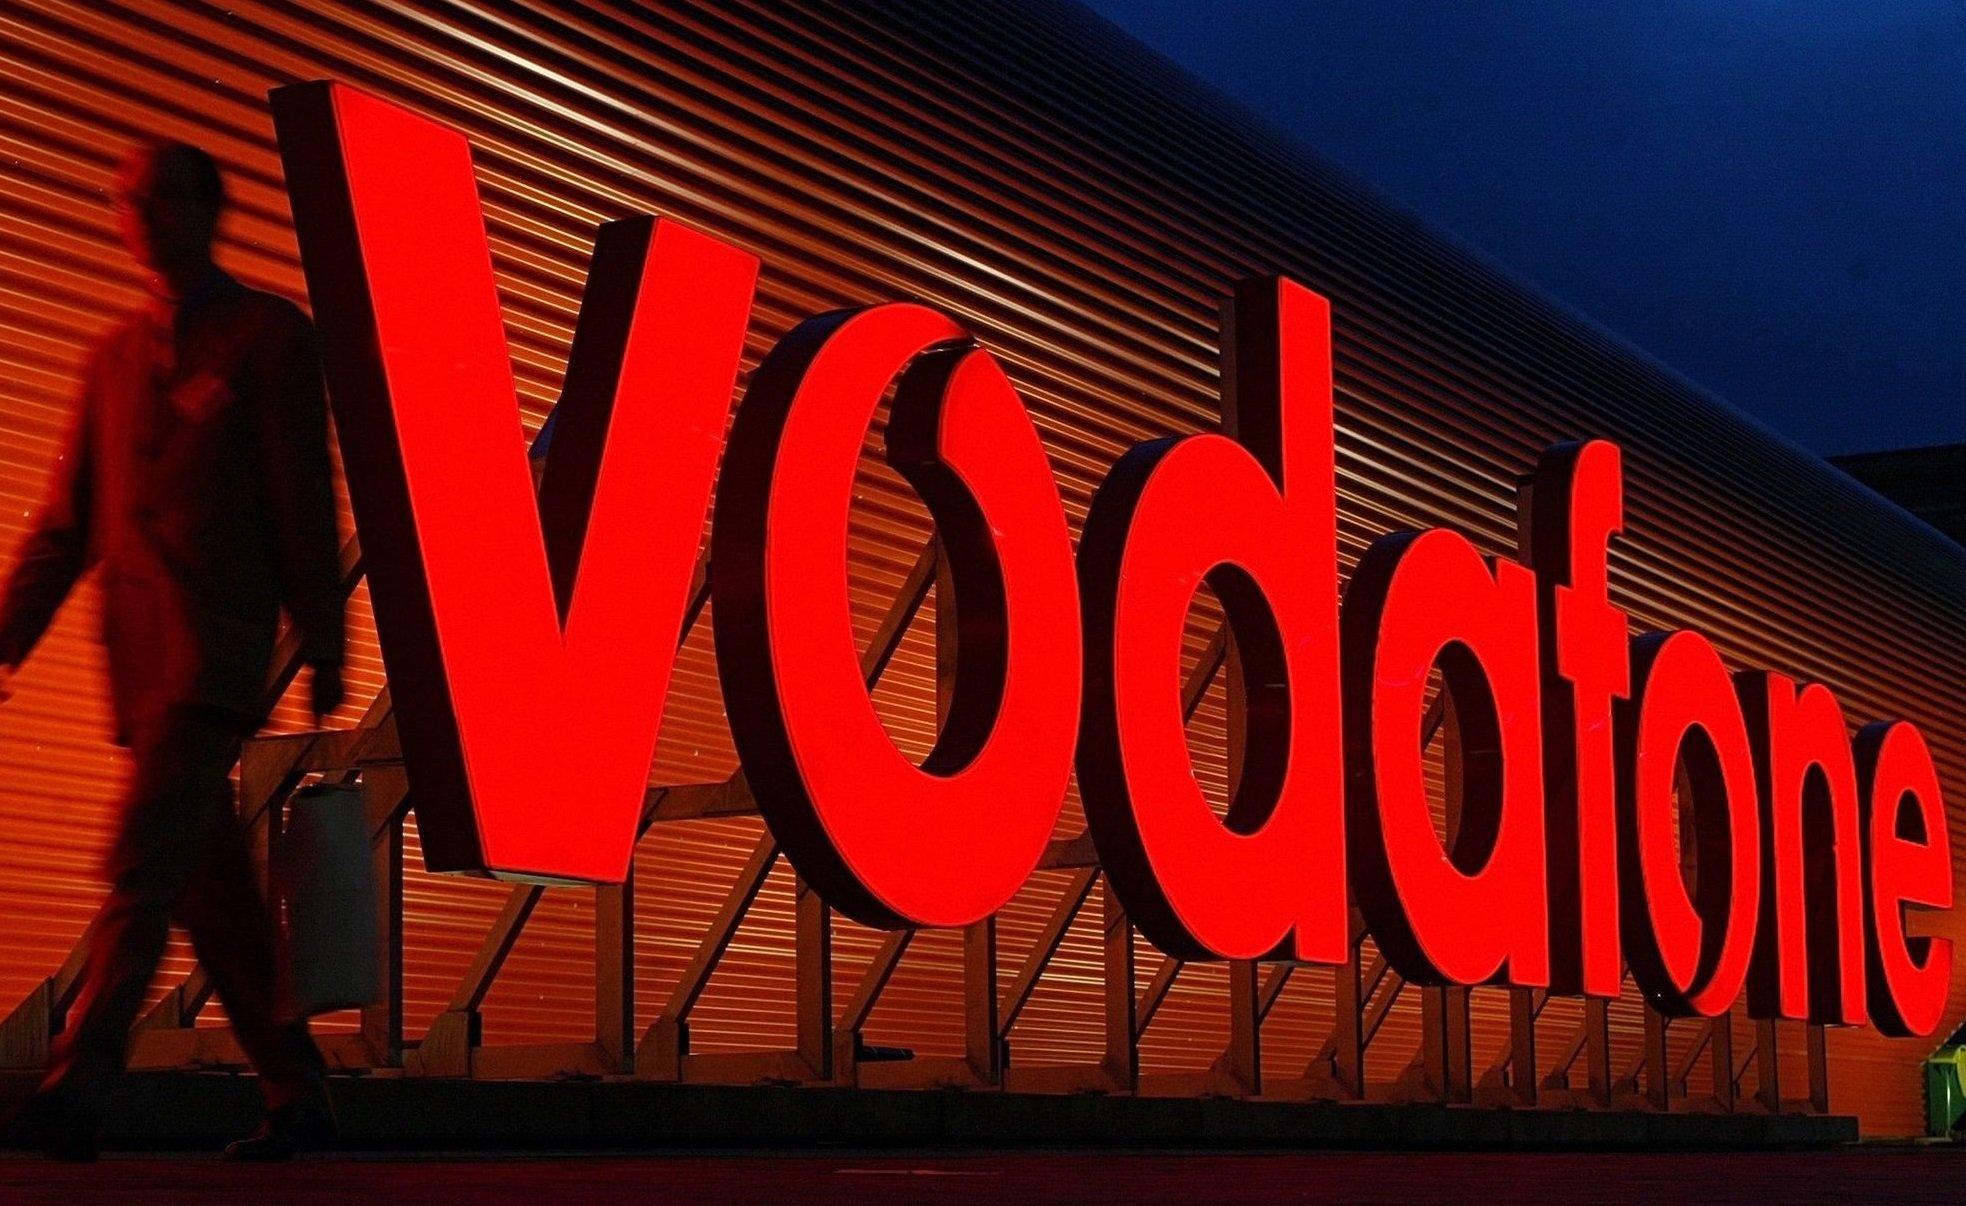 Vodafone буде надавати безкоштовні послуги в період карантину: повний перелік